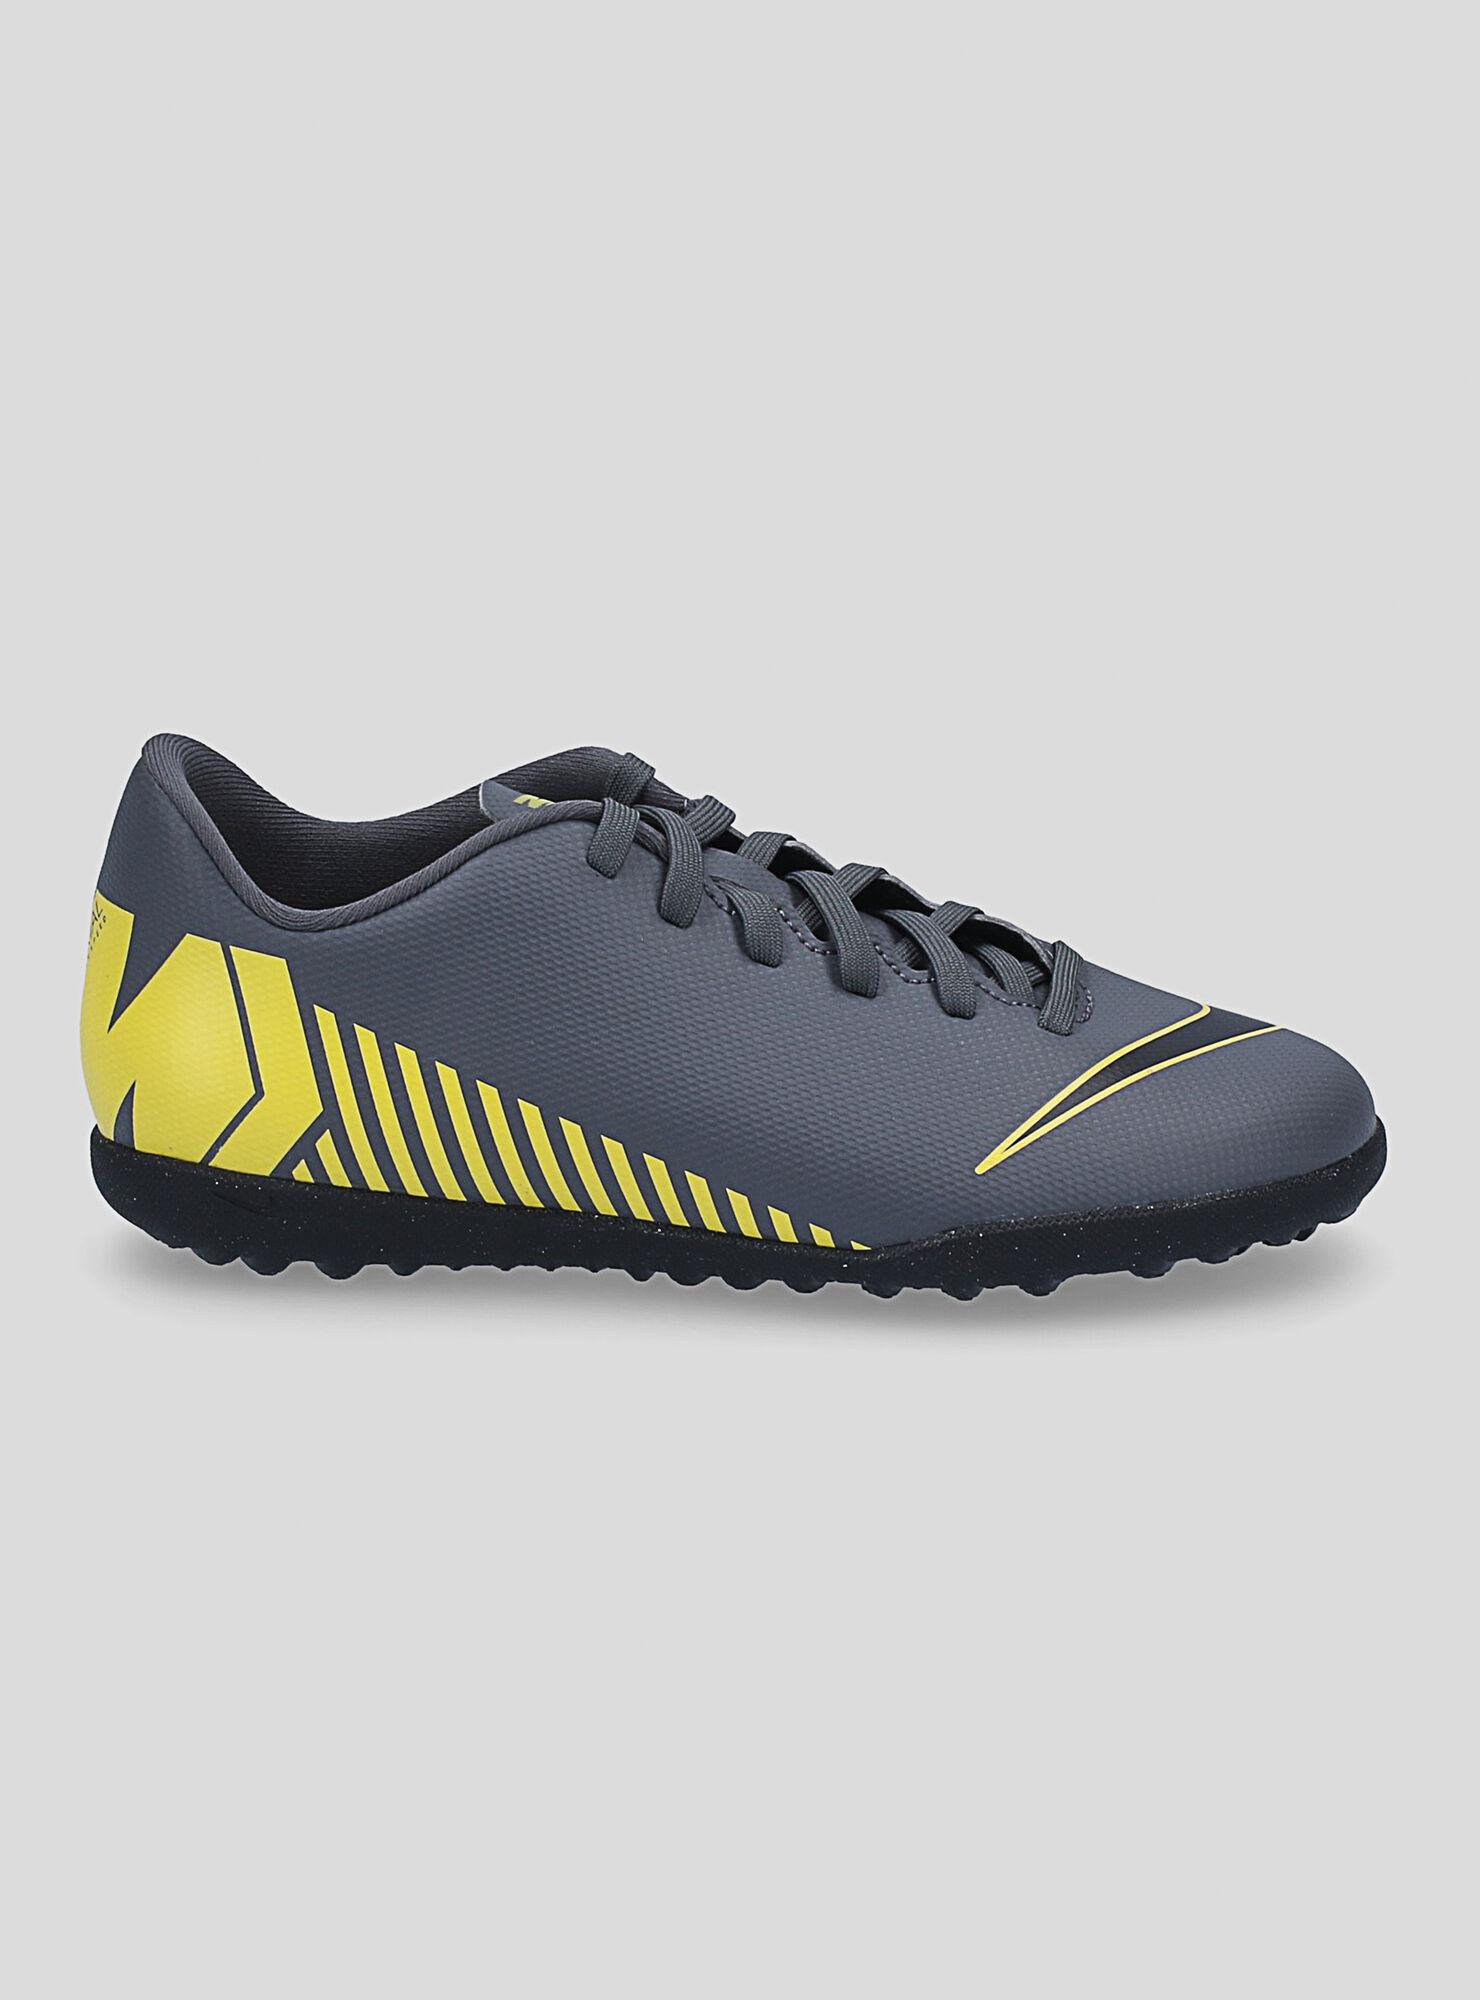 24d99f62 Zapatilla Nike Vapor 12 Club Fútbol Hombre en Zapatillas Niños | Paris